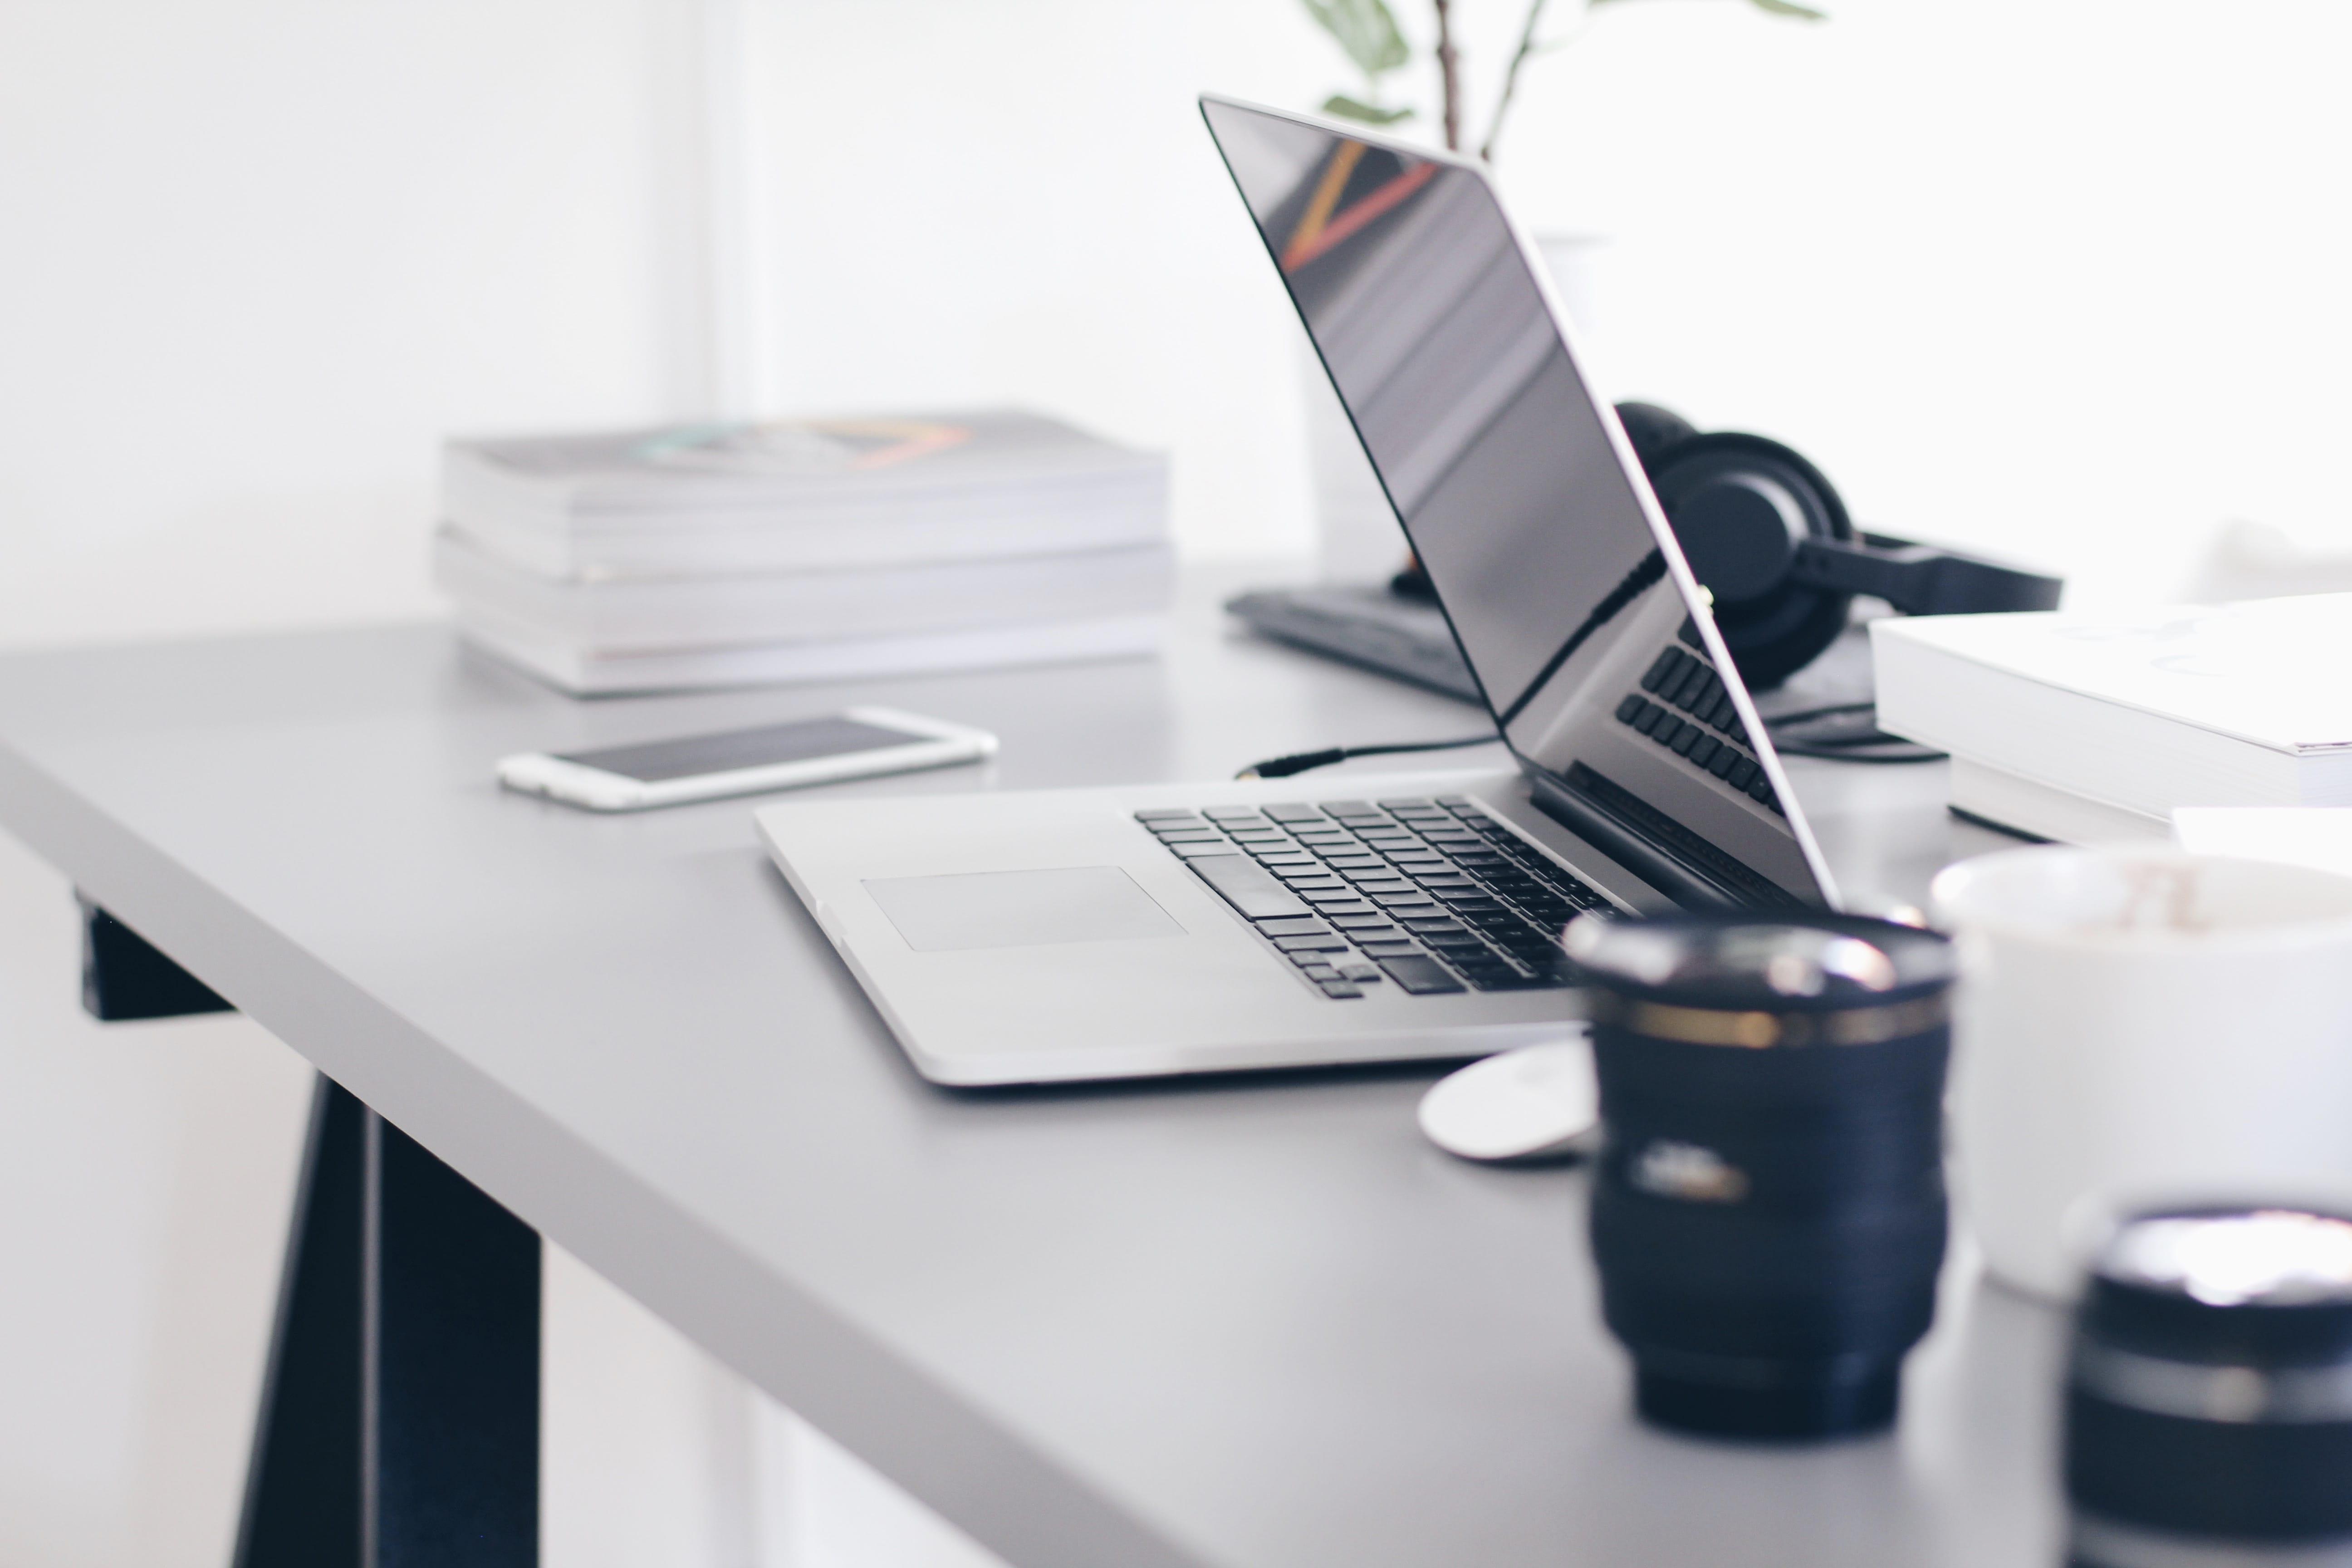 個人の生産性を最大限に上げる、無料のタスク管理ツール 7つ